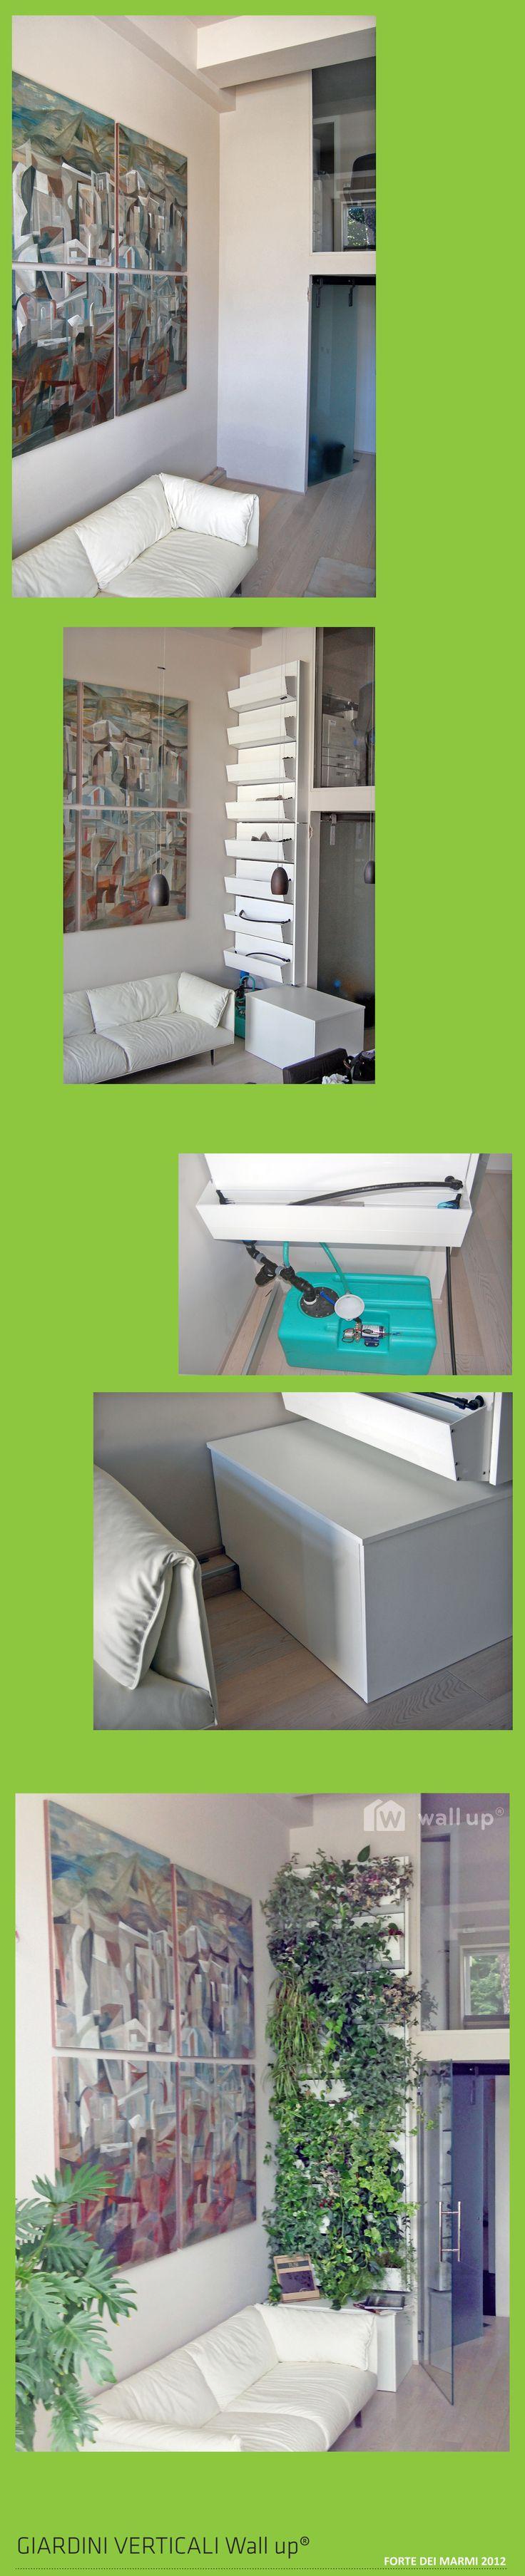 GIARDINO Wall up. Col verde verticale l'ufficio diventa meno grigio. http://www.wallup.it/giardino.html